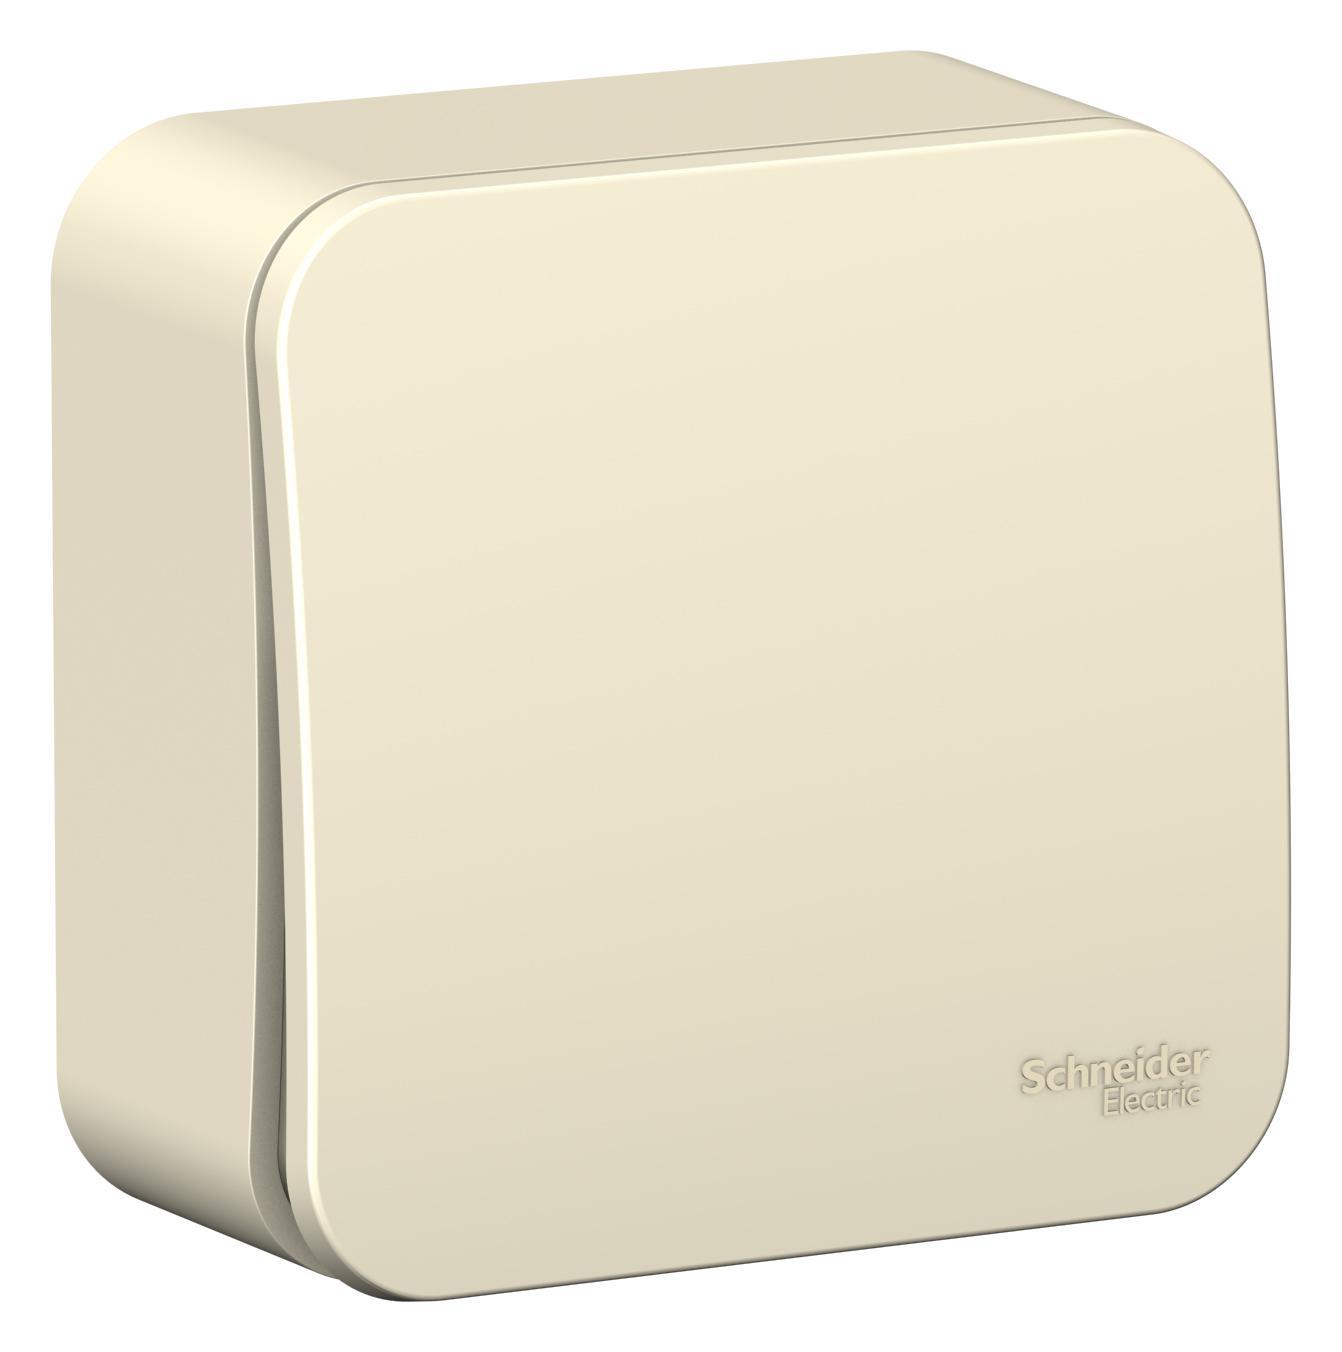 Выключатель Schneider electric Blnva101012 blanca выключатель schneider electric blnva105014 blanca